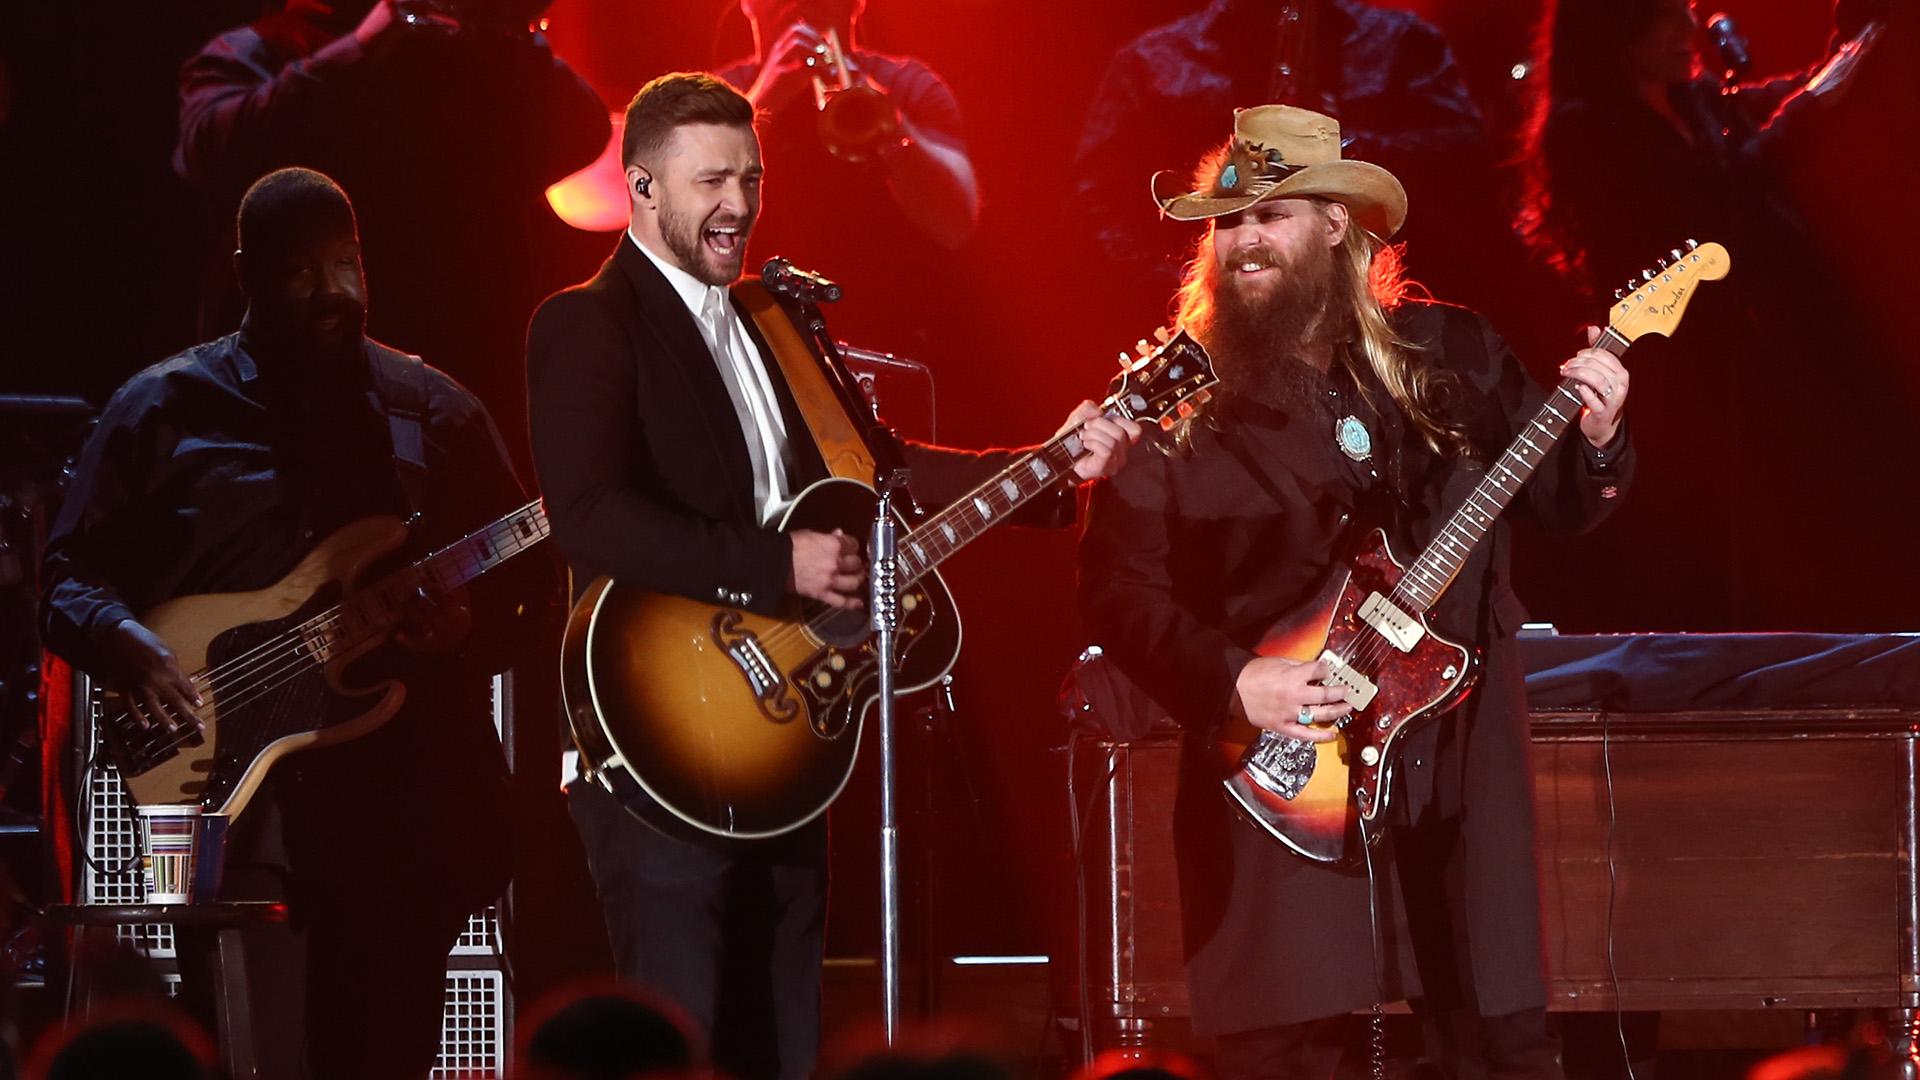 Chris Stapleton and Justin Timberlake